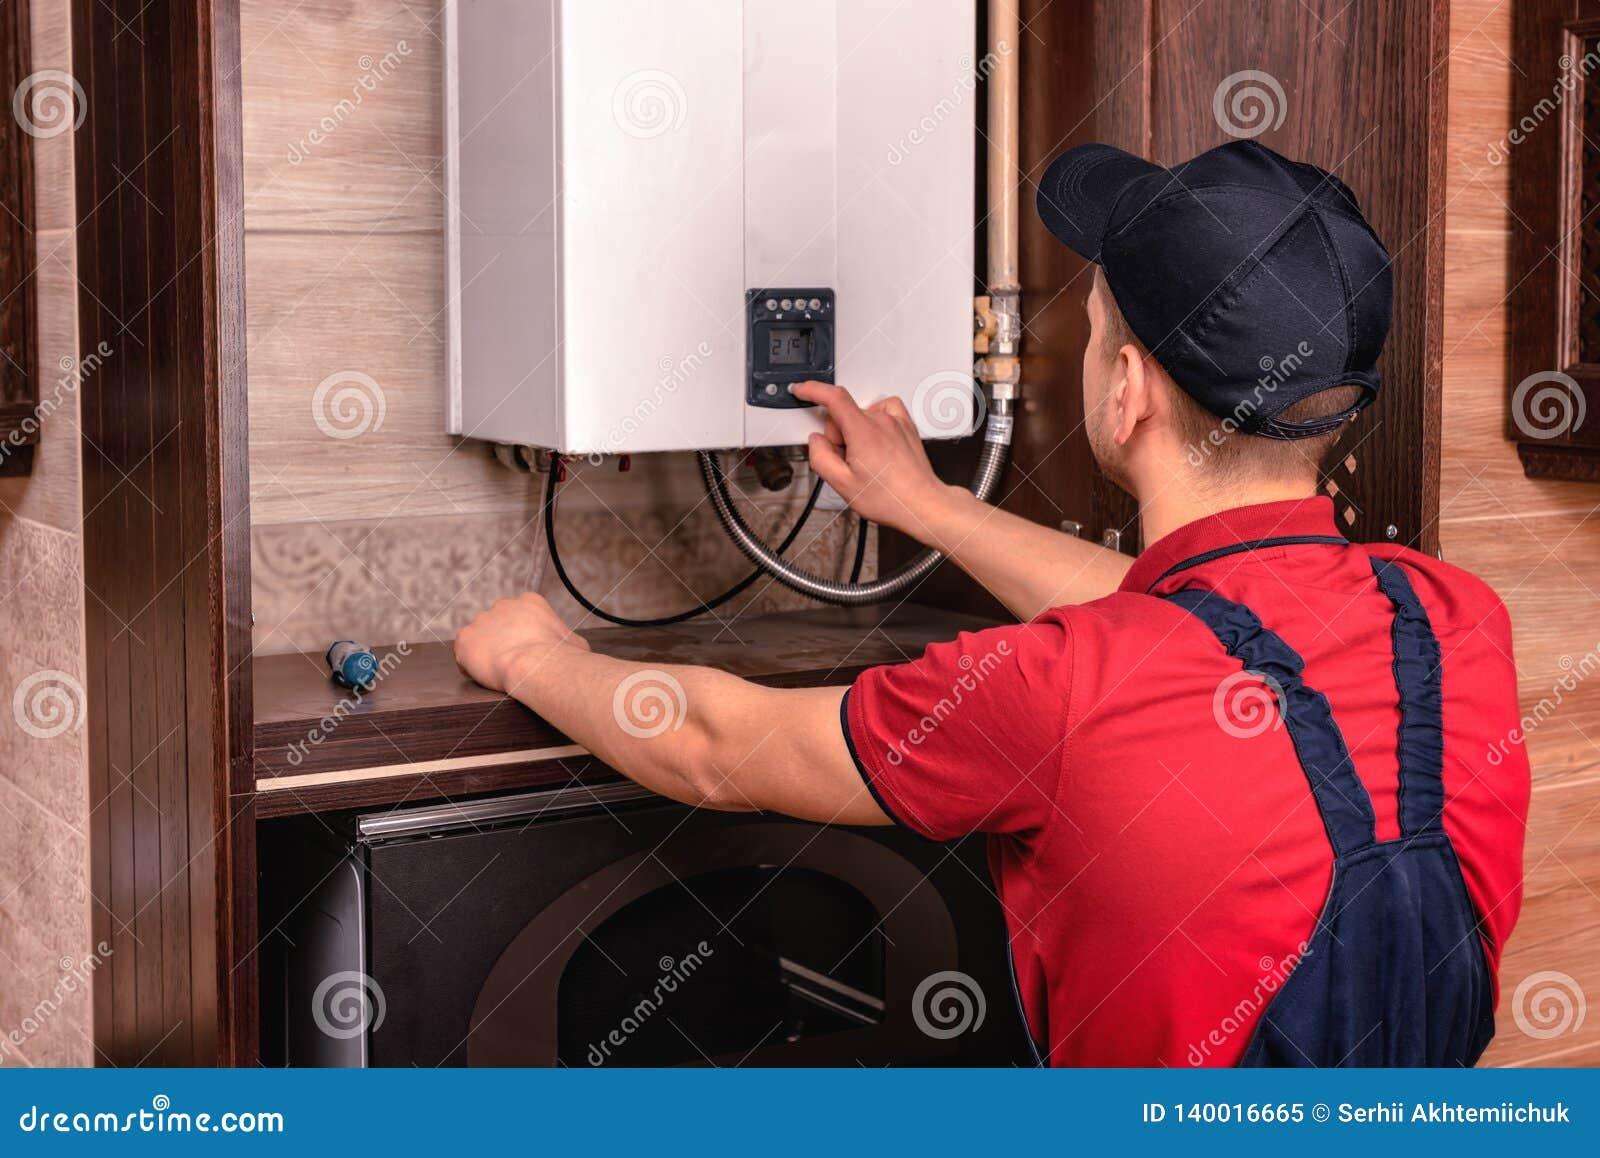 El fontanero ajusta la caldera de gas antes de actuar